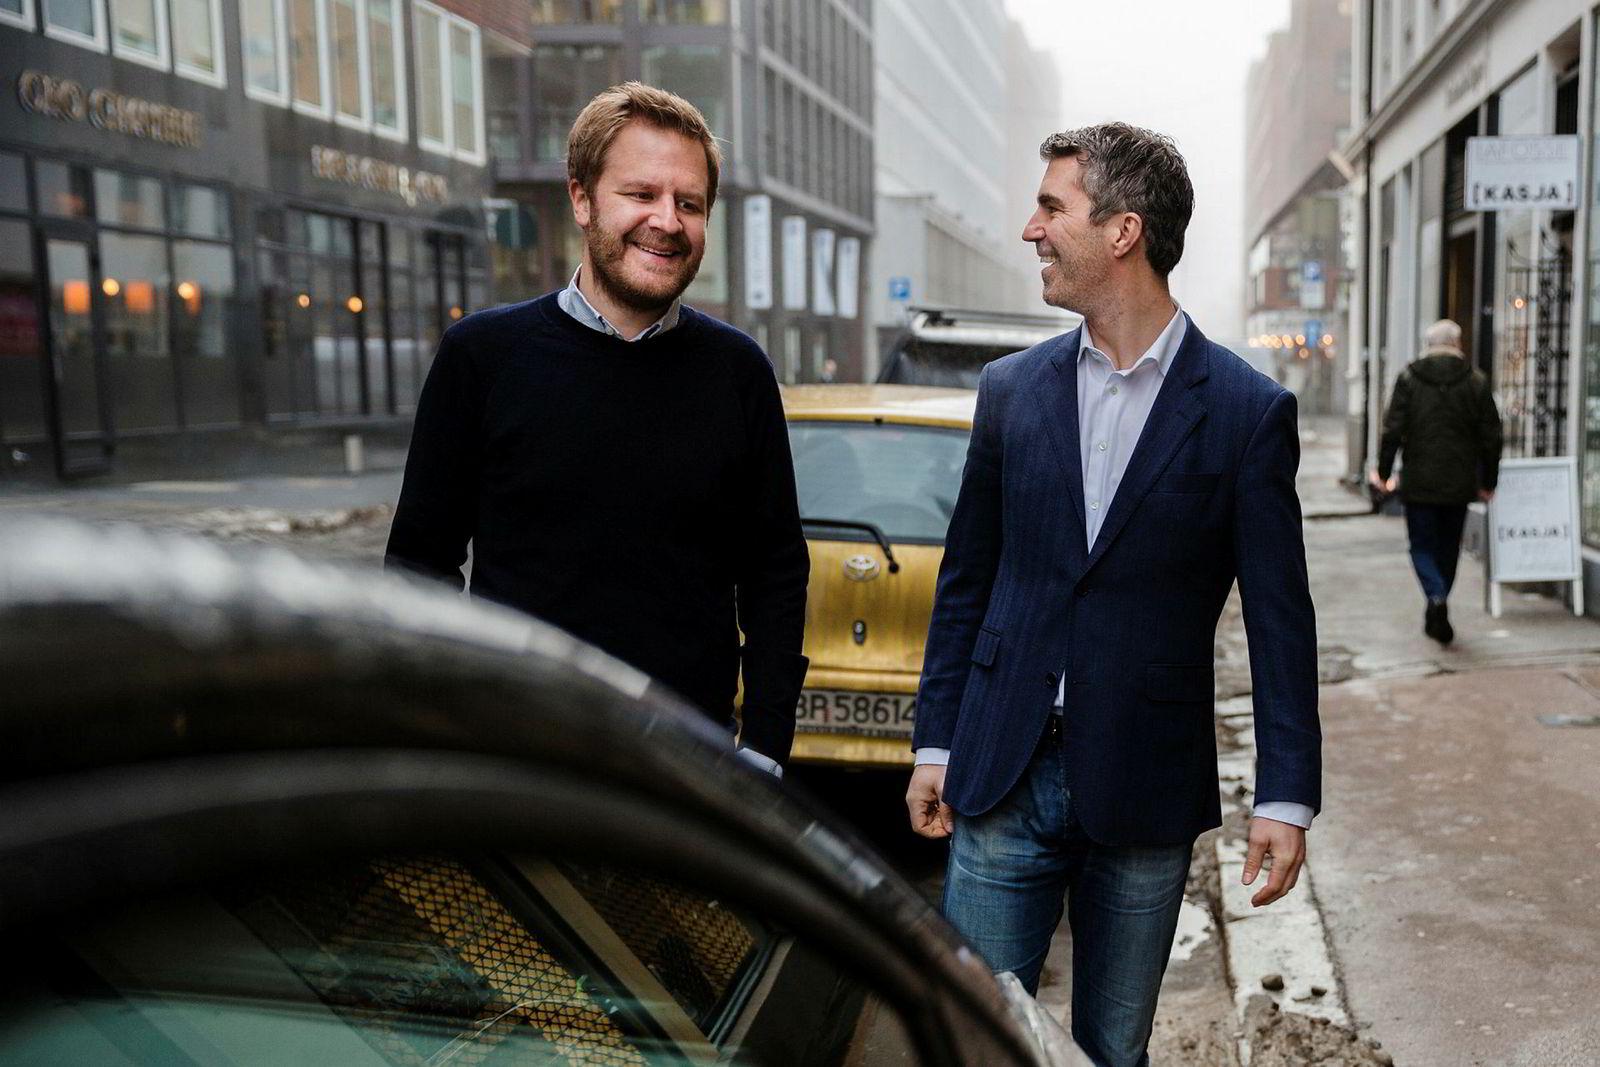 Daglig leder Even Heggernes (til venstre) og konsernsjef Jacob Tveraabak i Miklagruppen, som er eier i Nabobil. Tveraabak er også medgründer i Nabobil.